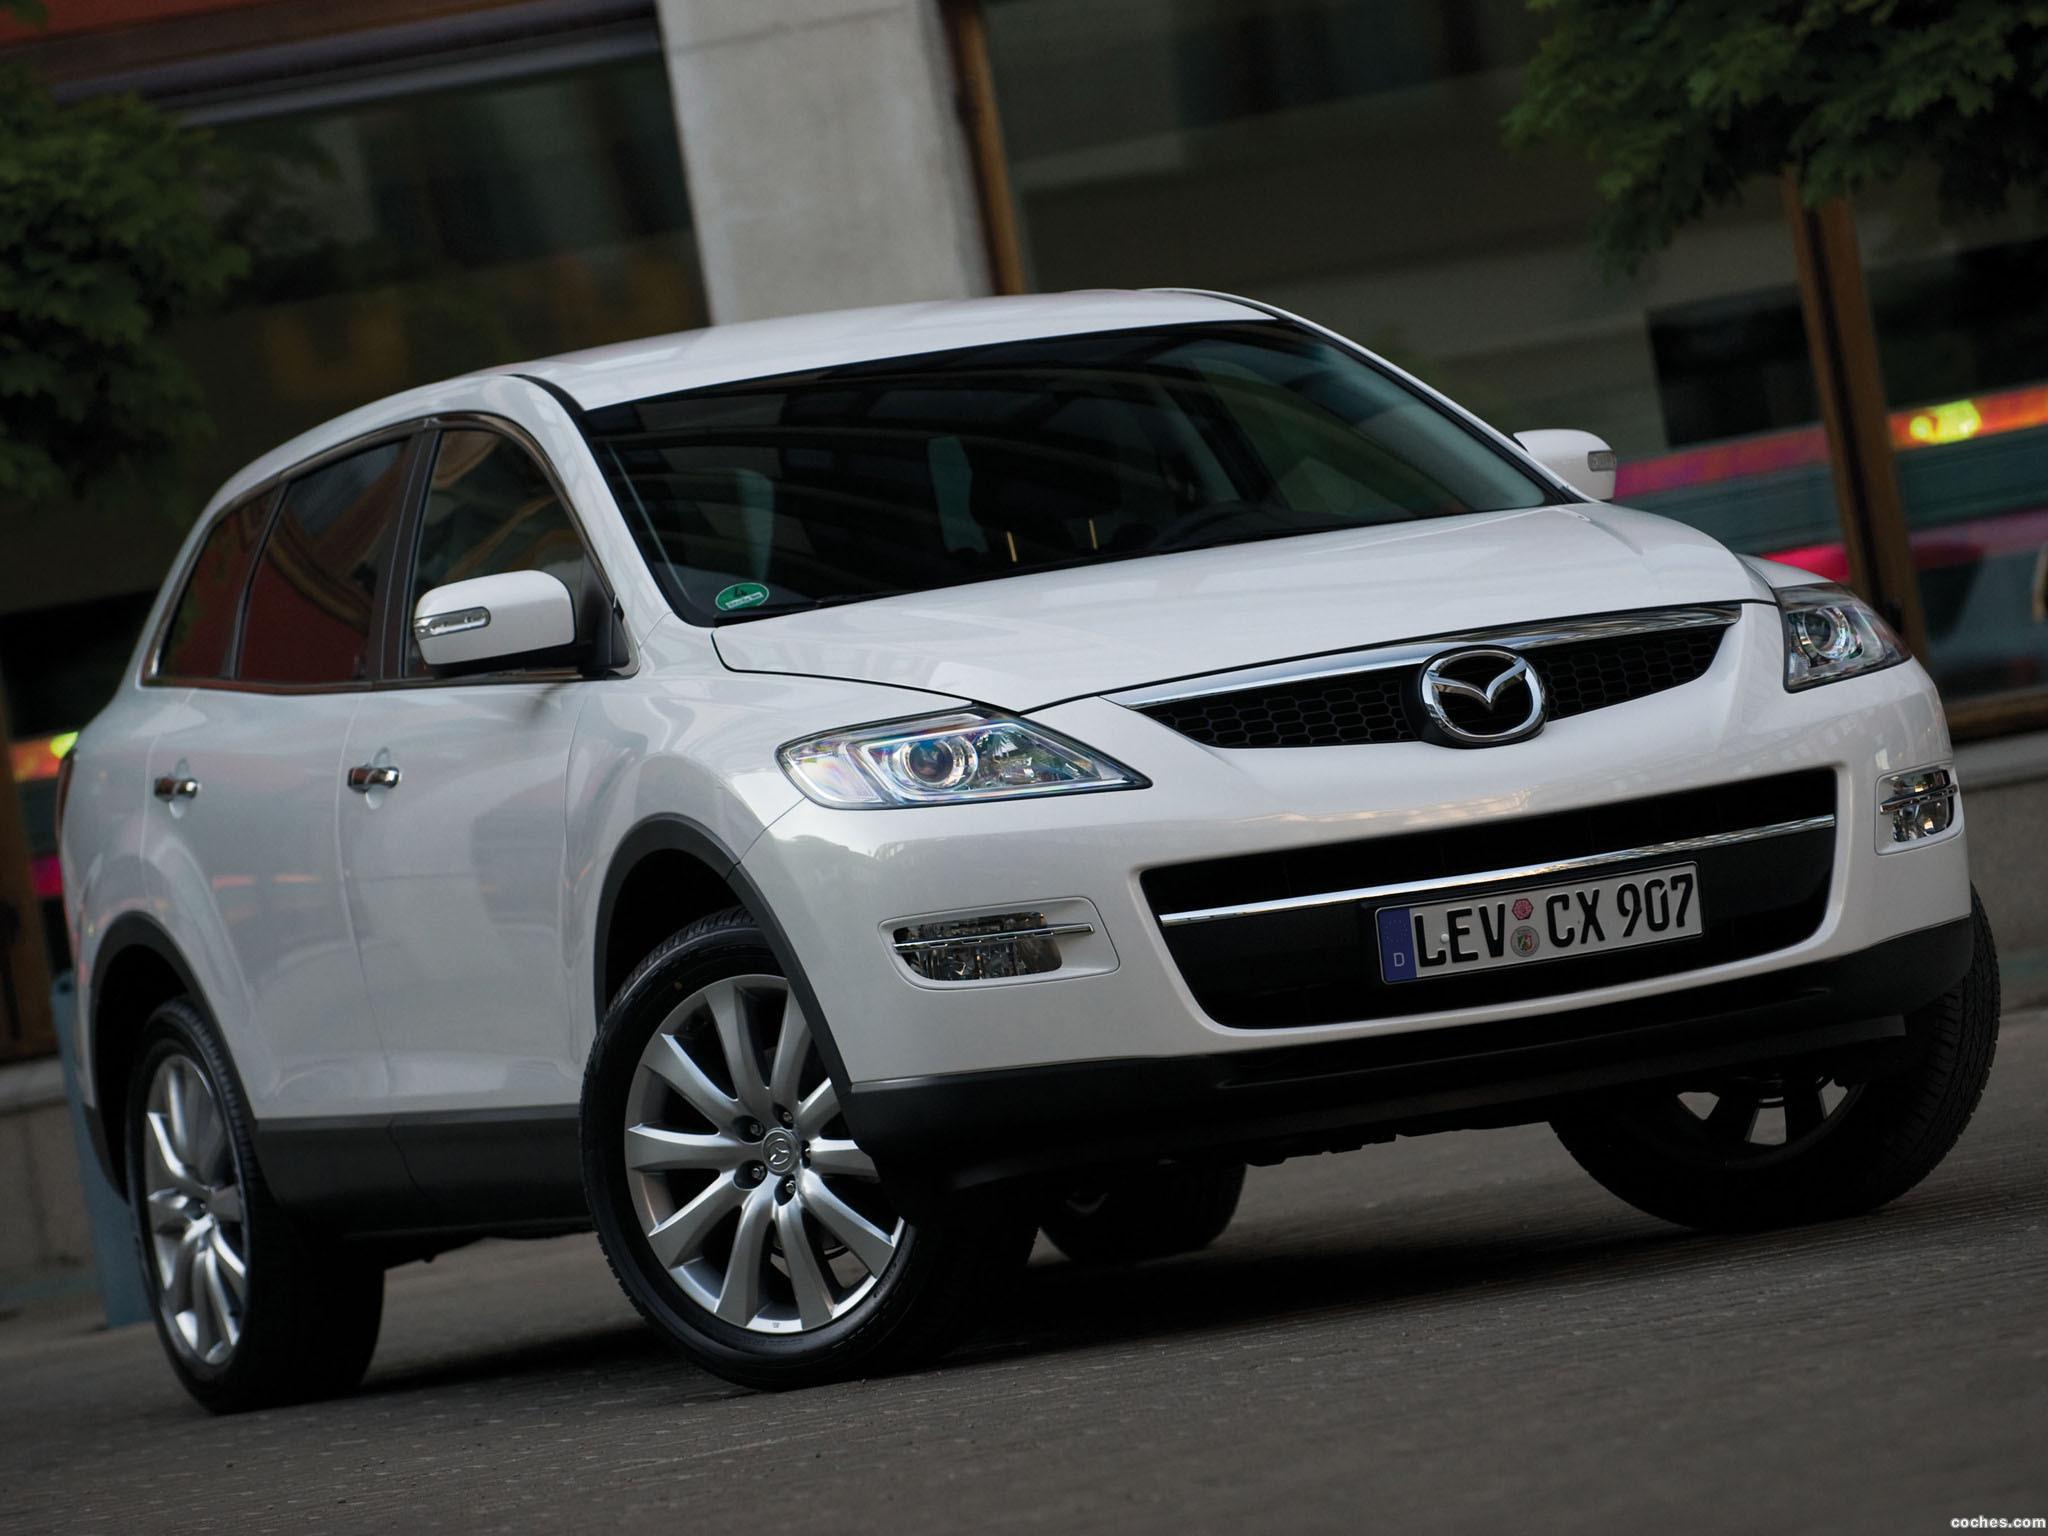 Foto 0 de Mazda CX-9 2008